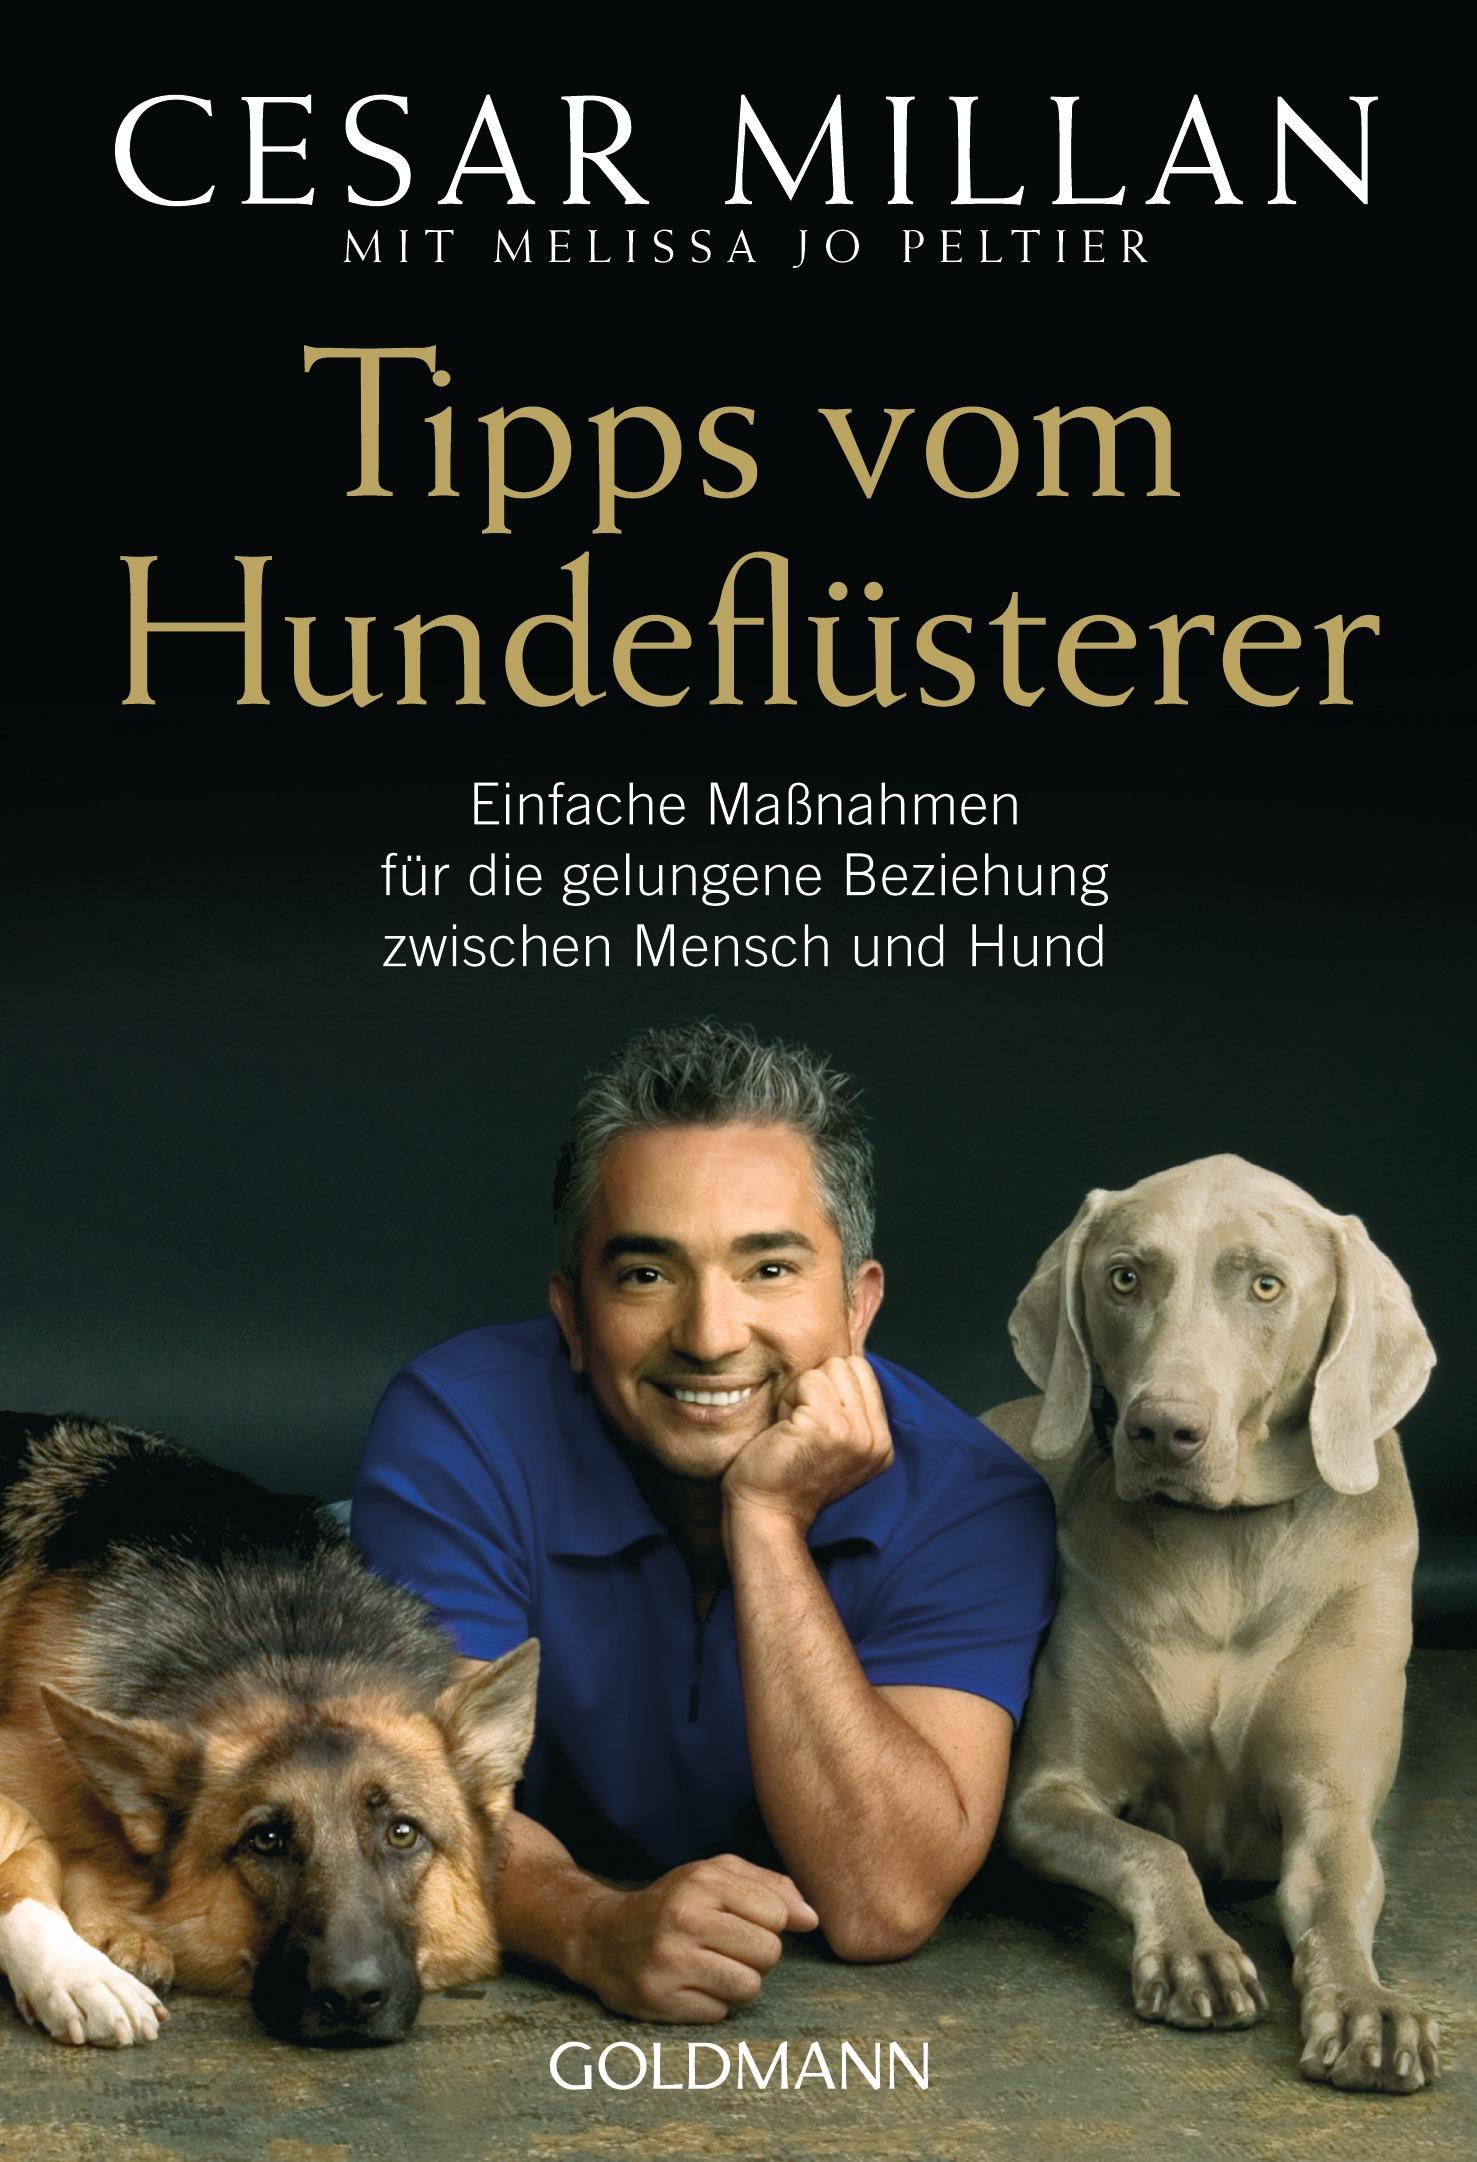 Tipps vom Hundeflüsterer: Einfache Maßnahmen für die gelungene Beziehung zwischen Mensch und Hund - Cesar Millan